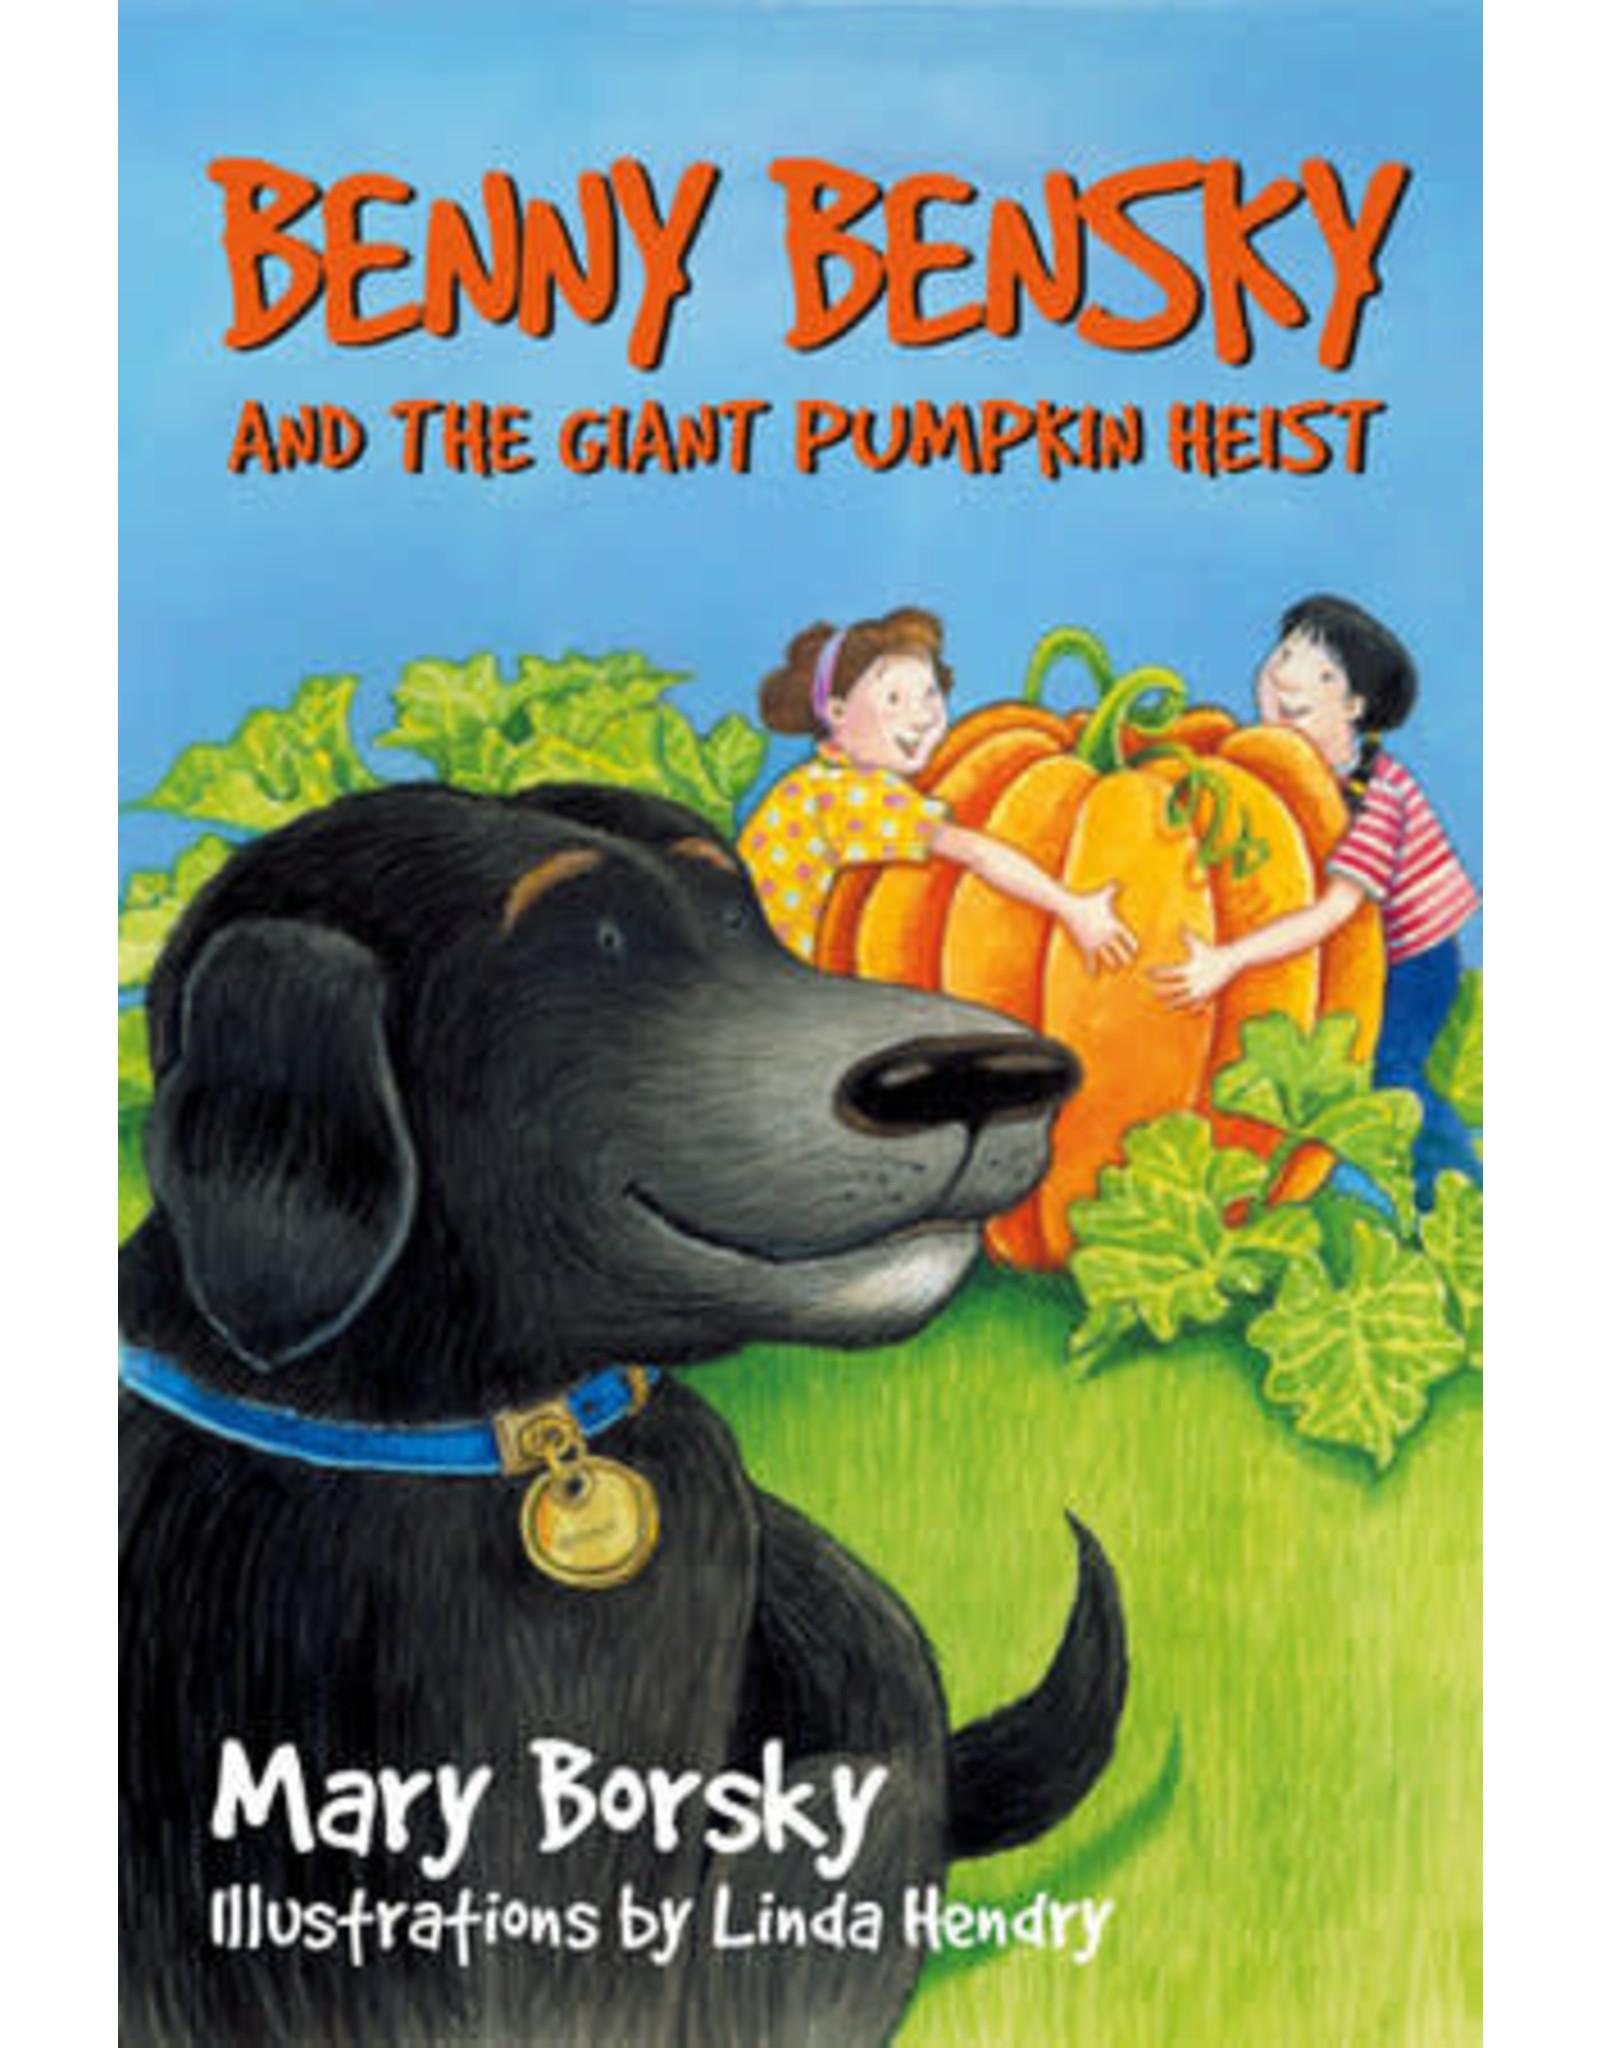 Benny Bensky and the Giant Pumpkin Heist